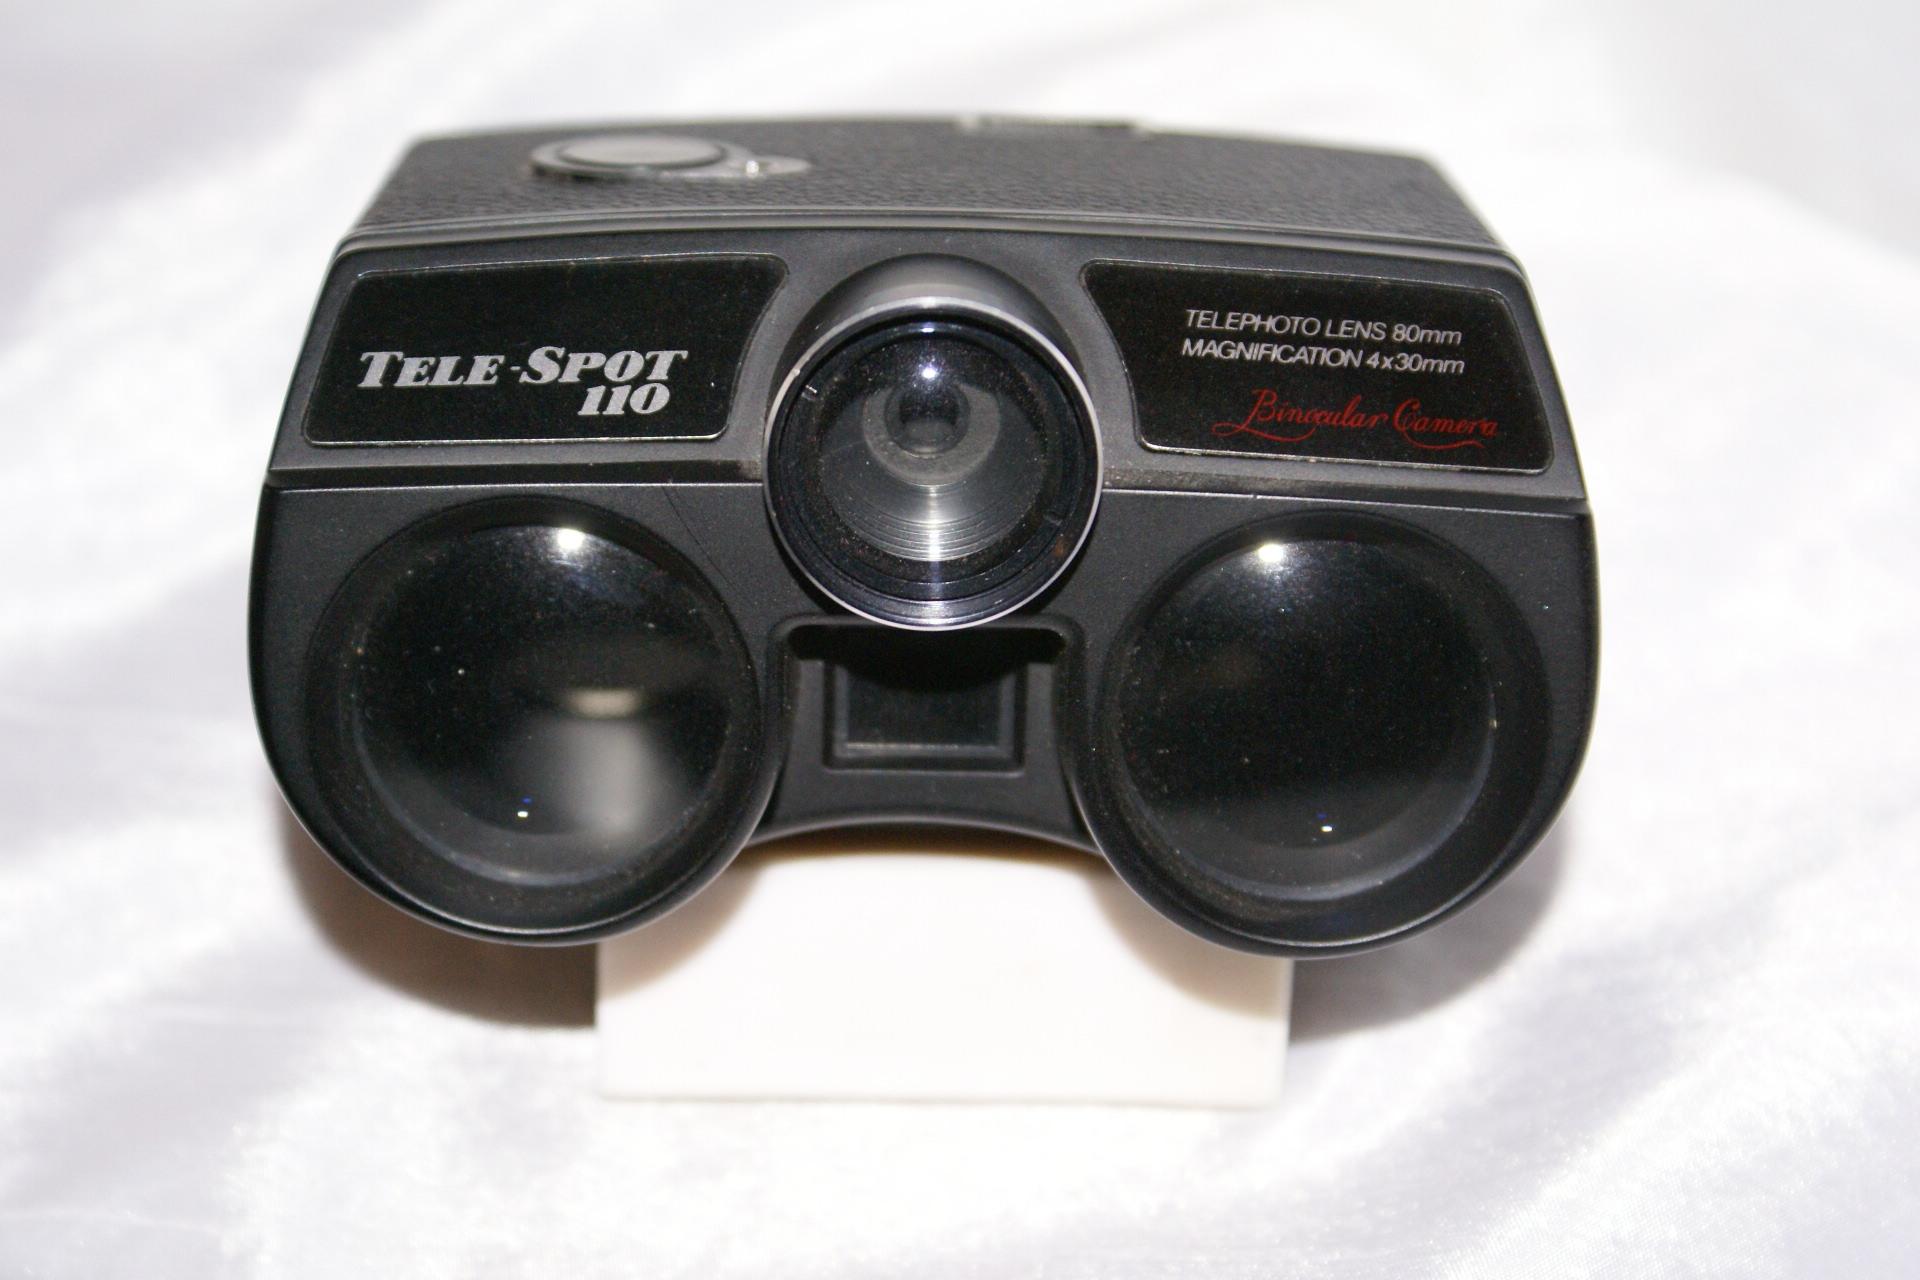 Appareil photographique Jumelles : TELESPOT 110 de 1974